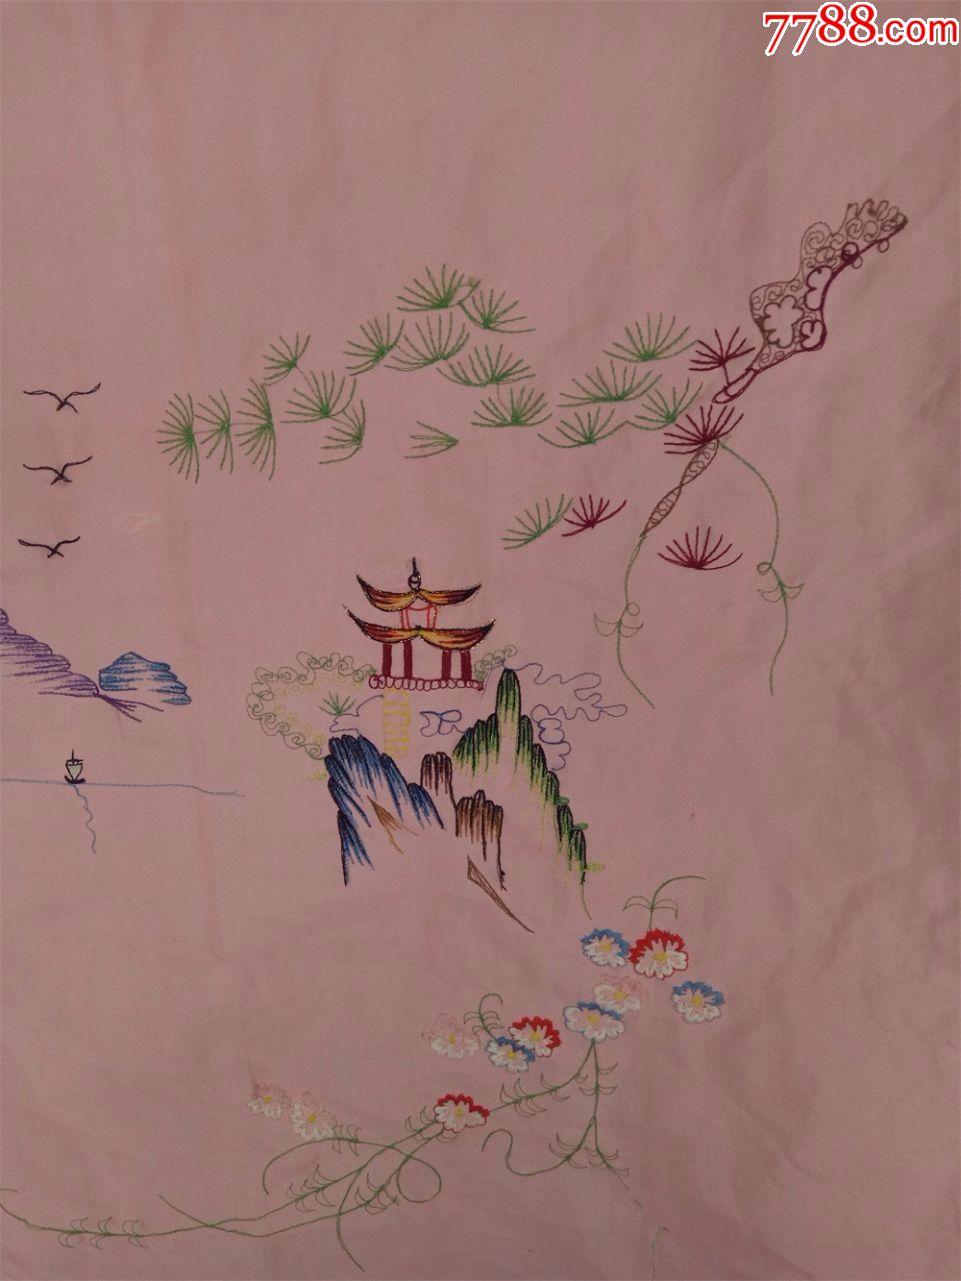 怀旧收藏八十年代门帘刺绣门帘友谊前程似锦风景图案仅供收藏